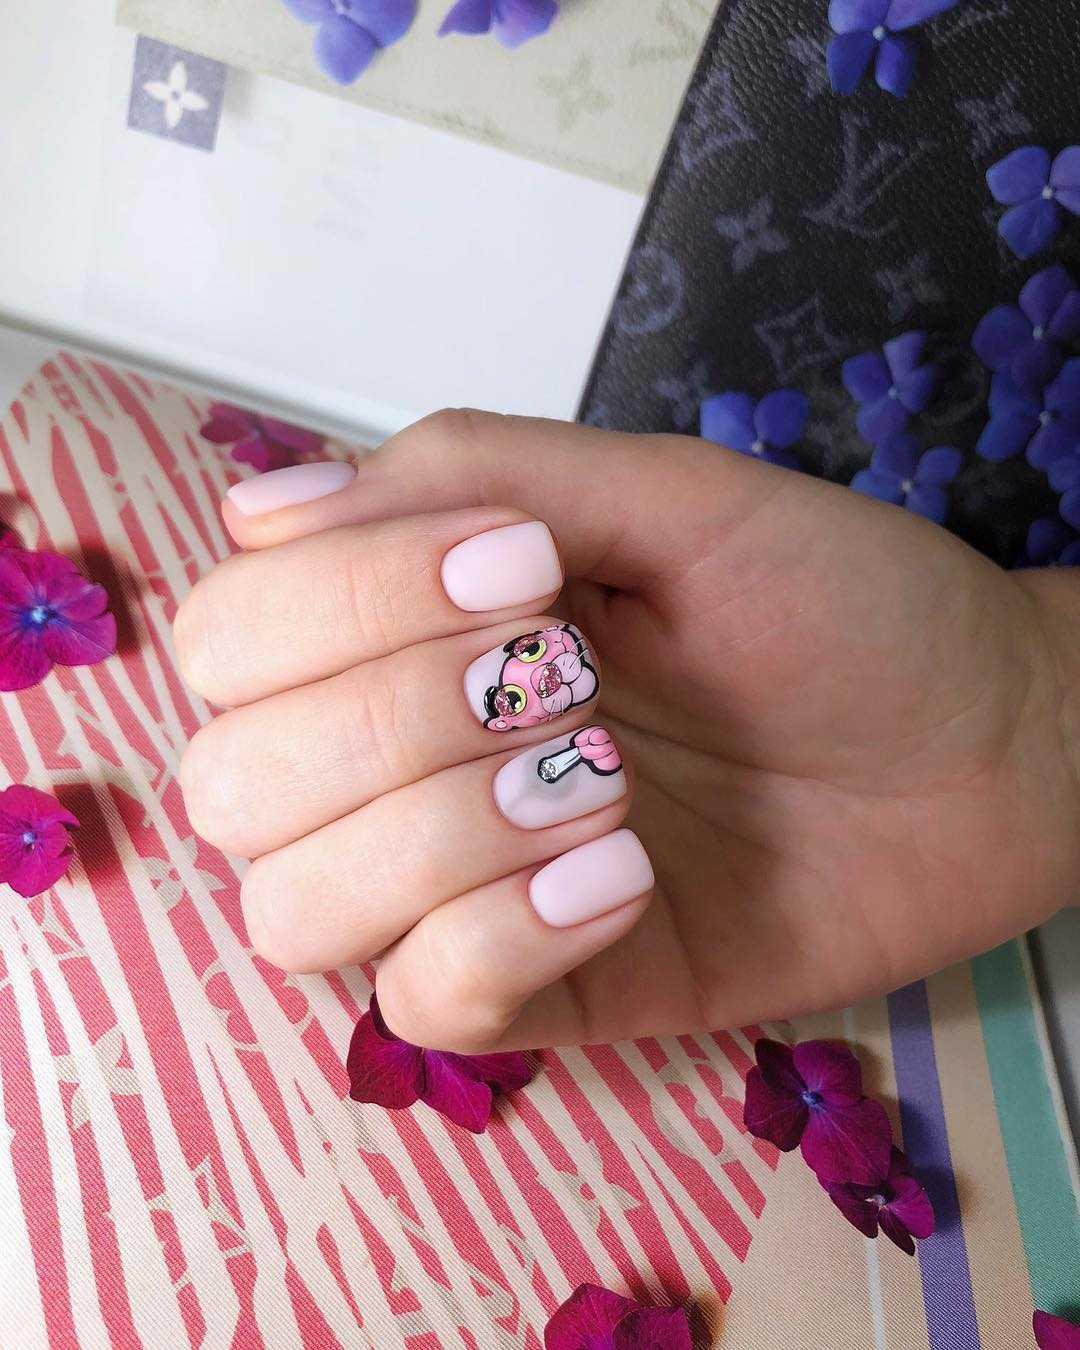 Со скольки лет можно наращивать ногти детям? | красивые ногти - дополнение твоего образа